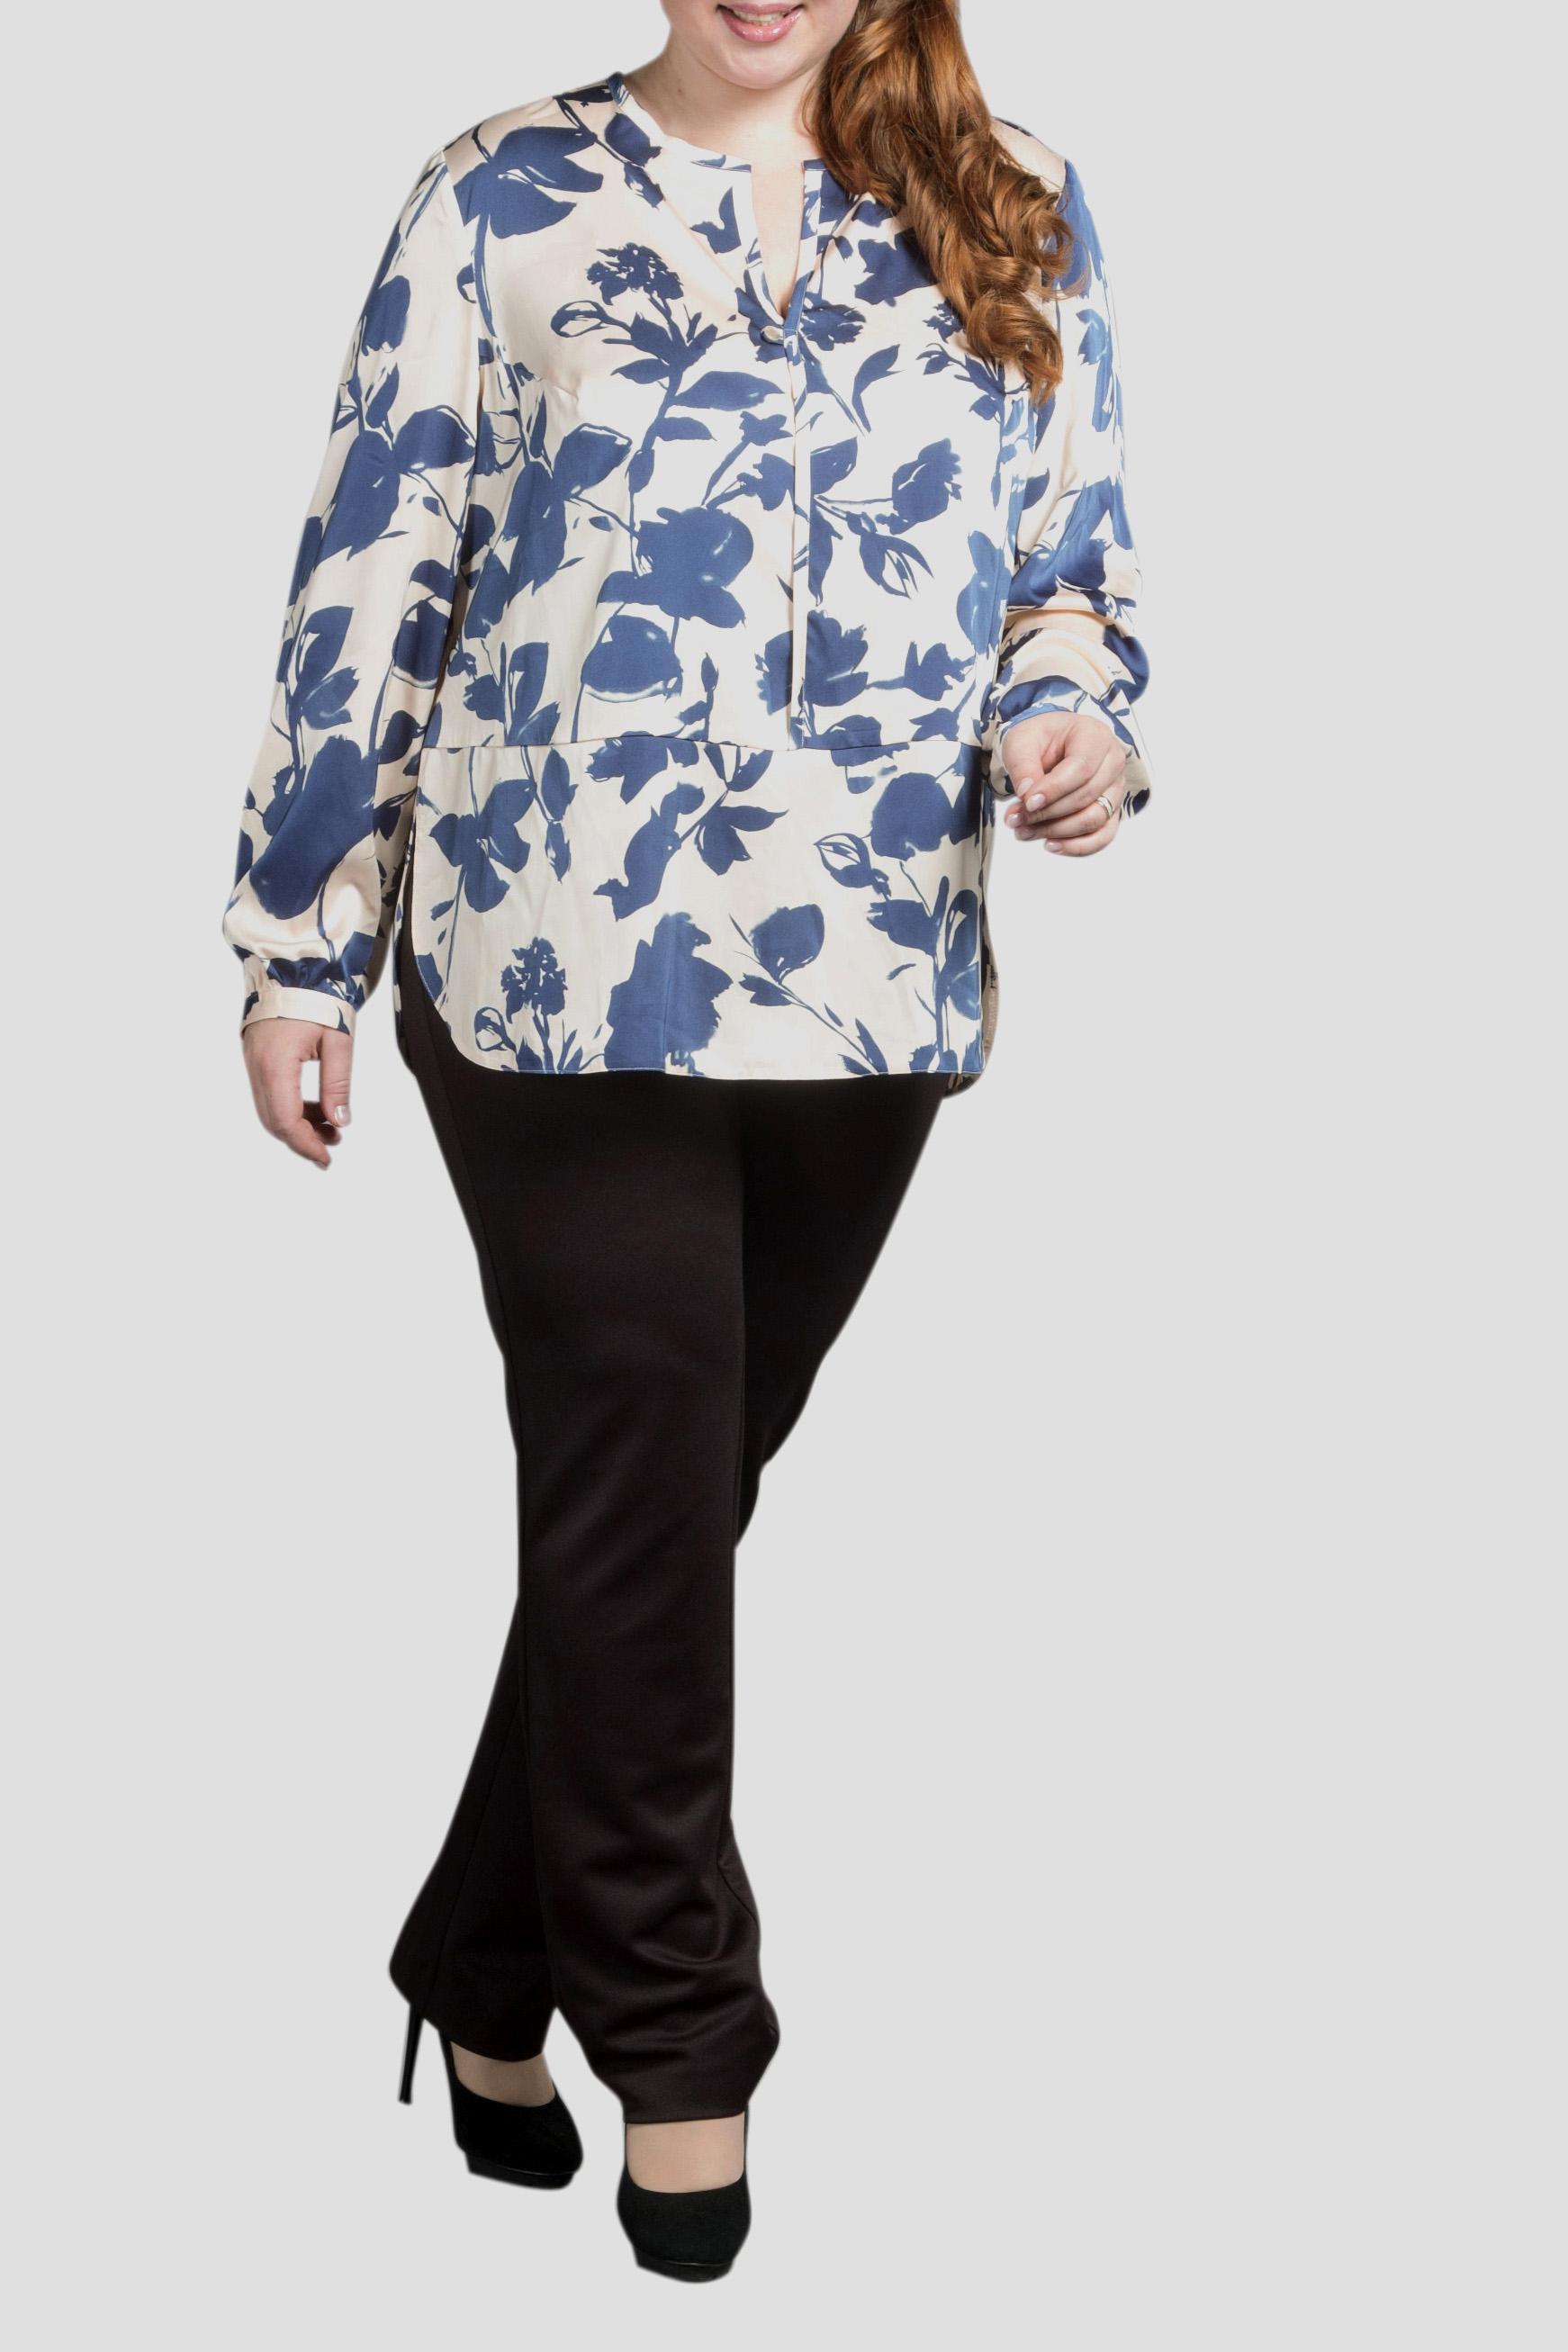 БлузкаБлузки<br>Повседневная одежда должна выполнять не только защитную, но и декоративную функцию, скрывая недостатки и подчеркивая достоинства. Поэтому одежда для полных должна быть прямого или свободного силуэта.  Чудесная блузка свободного силуэта.  Цвет: белый, синий  Ростовка изделия 170 см.<br><br>По материалу: Атлас,Вискоза<br>По образу: Свидание,Город<br>По рисунку: Растительные мотивы,С принтом,Цветные,Цветочные<br>По сезону: Весна,Зима,Лето,Осень,Всесезон<br>По силуэту: Свободные<br>По стилю: Повседневный стиль<br>По элементам: С манжетами<br>Рукав: Длинный рукав<br>Горловина: Фигурная горловина<br>Размер : 52,54,58,62,64,66<br>Материал: Атлас<br>Количество в наличии: 6